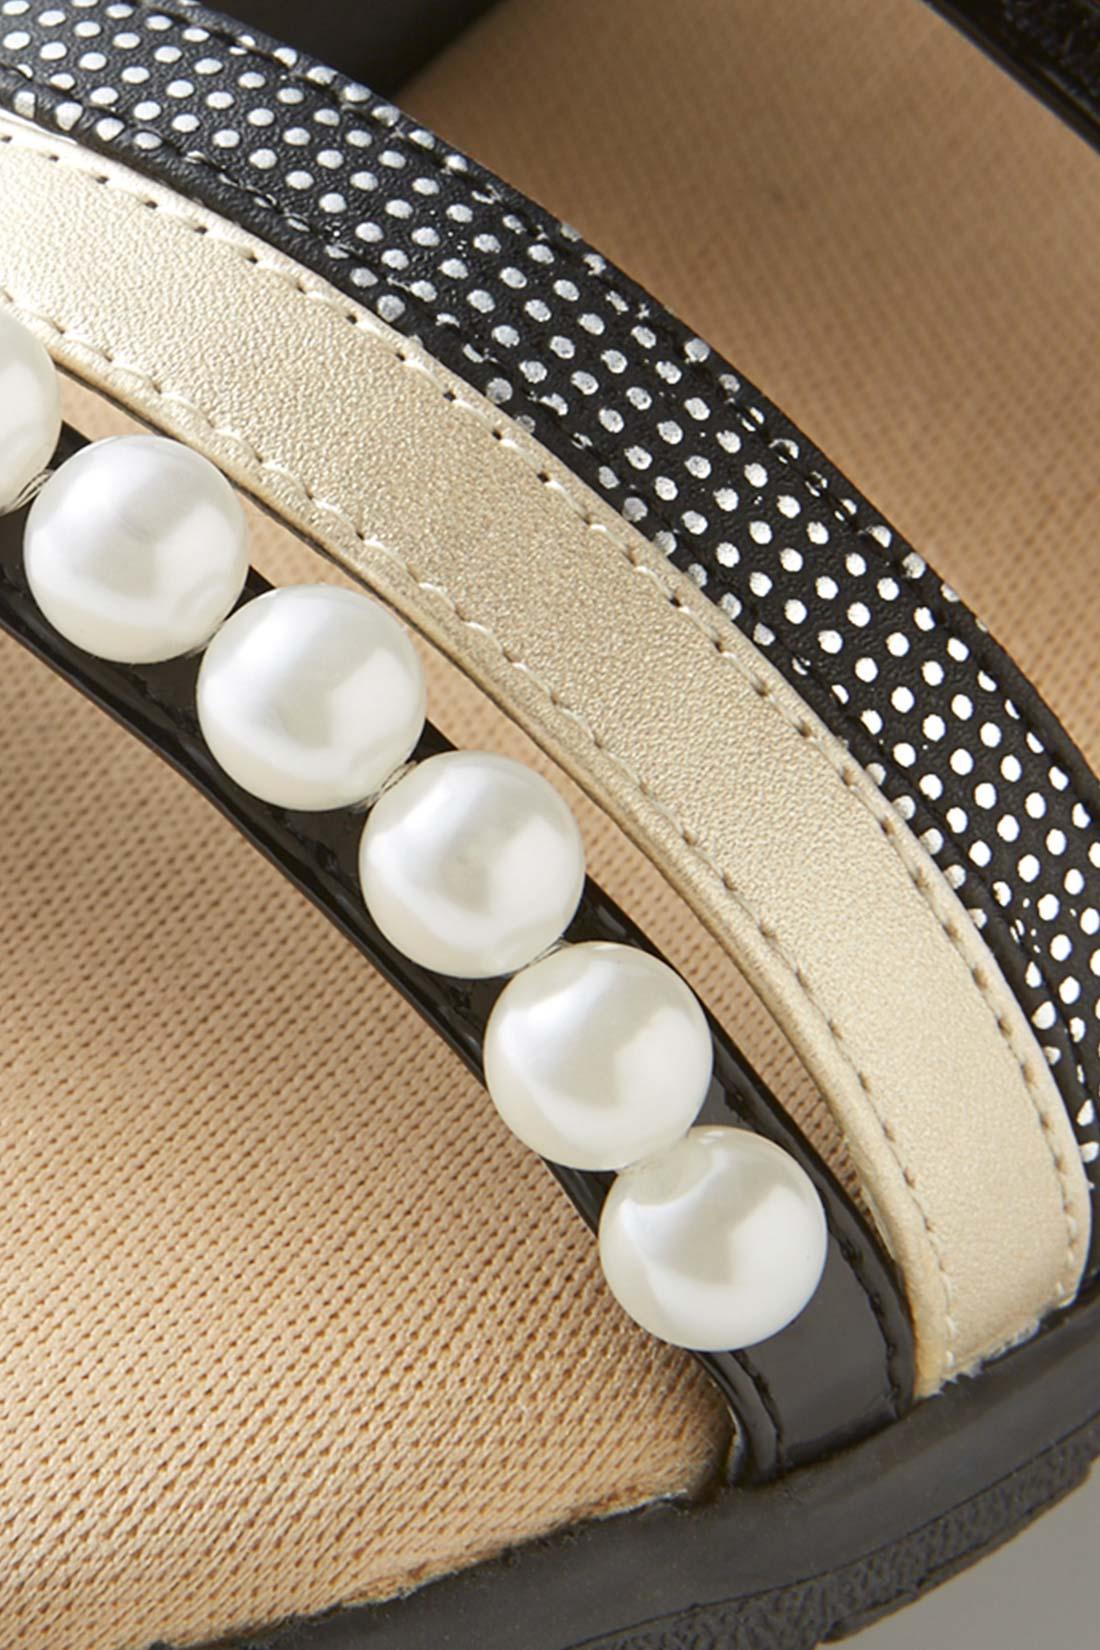 きれいめなエナメル調素材をベースに、パール調モチーフ、シルバードットプリント、シャイニーカラーの合皮など、上品なキラッと要素をミックスして、足もとから華やぎを底上げ。